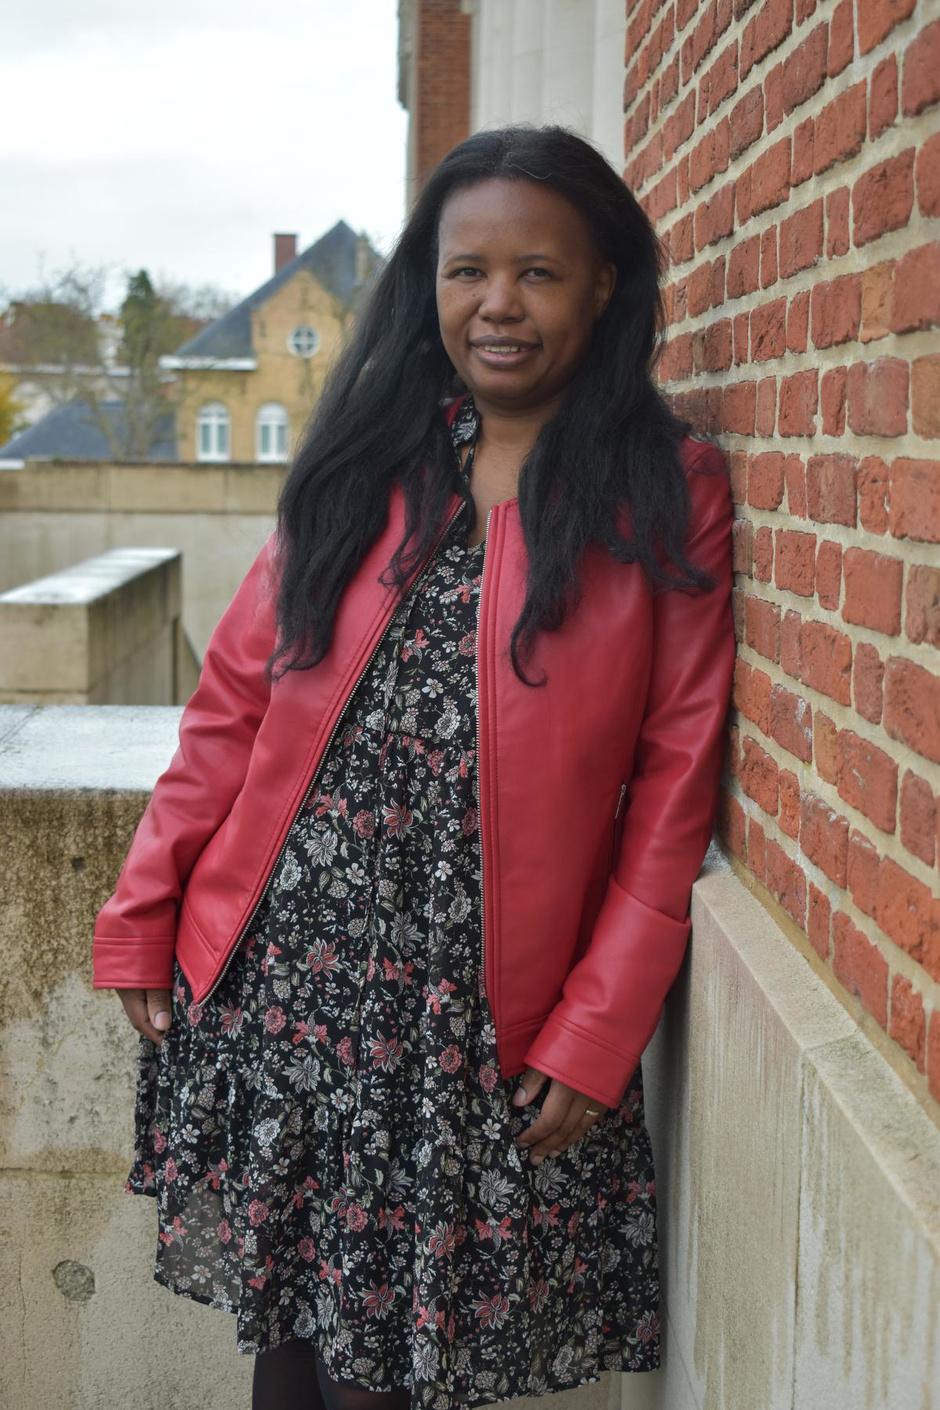 Veronica Booysen biedt digitale gidsbeurten aan in de Westhoek